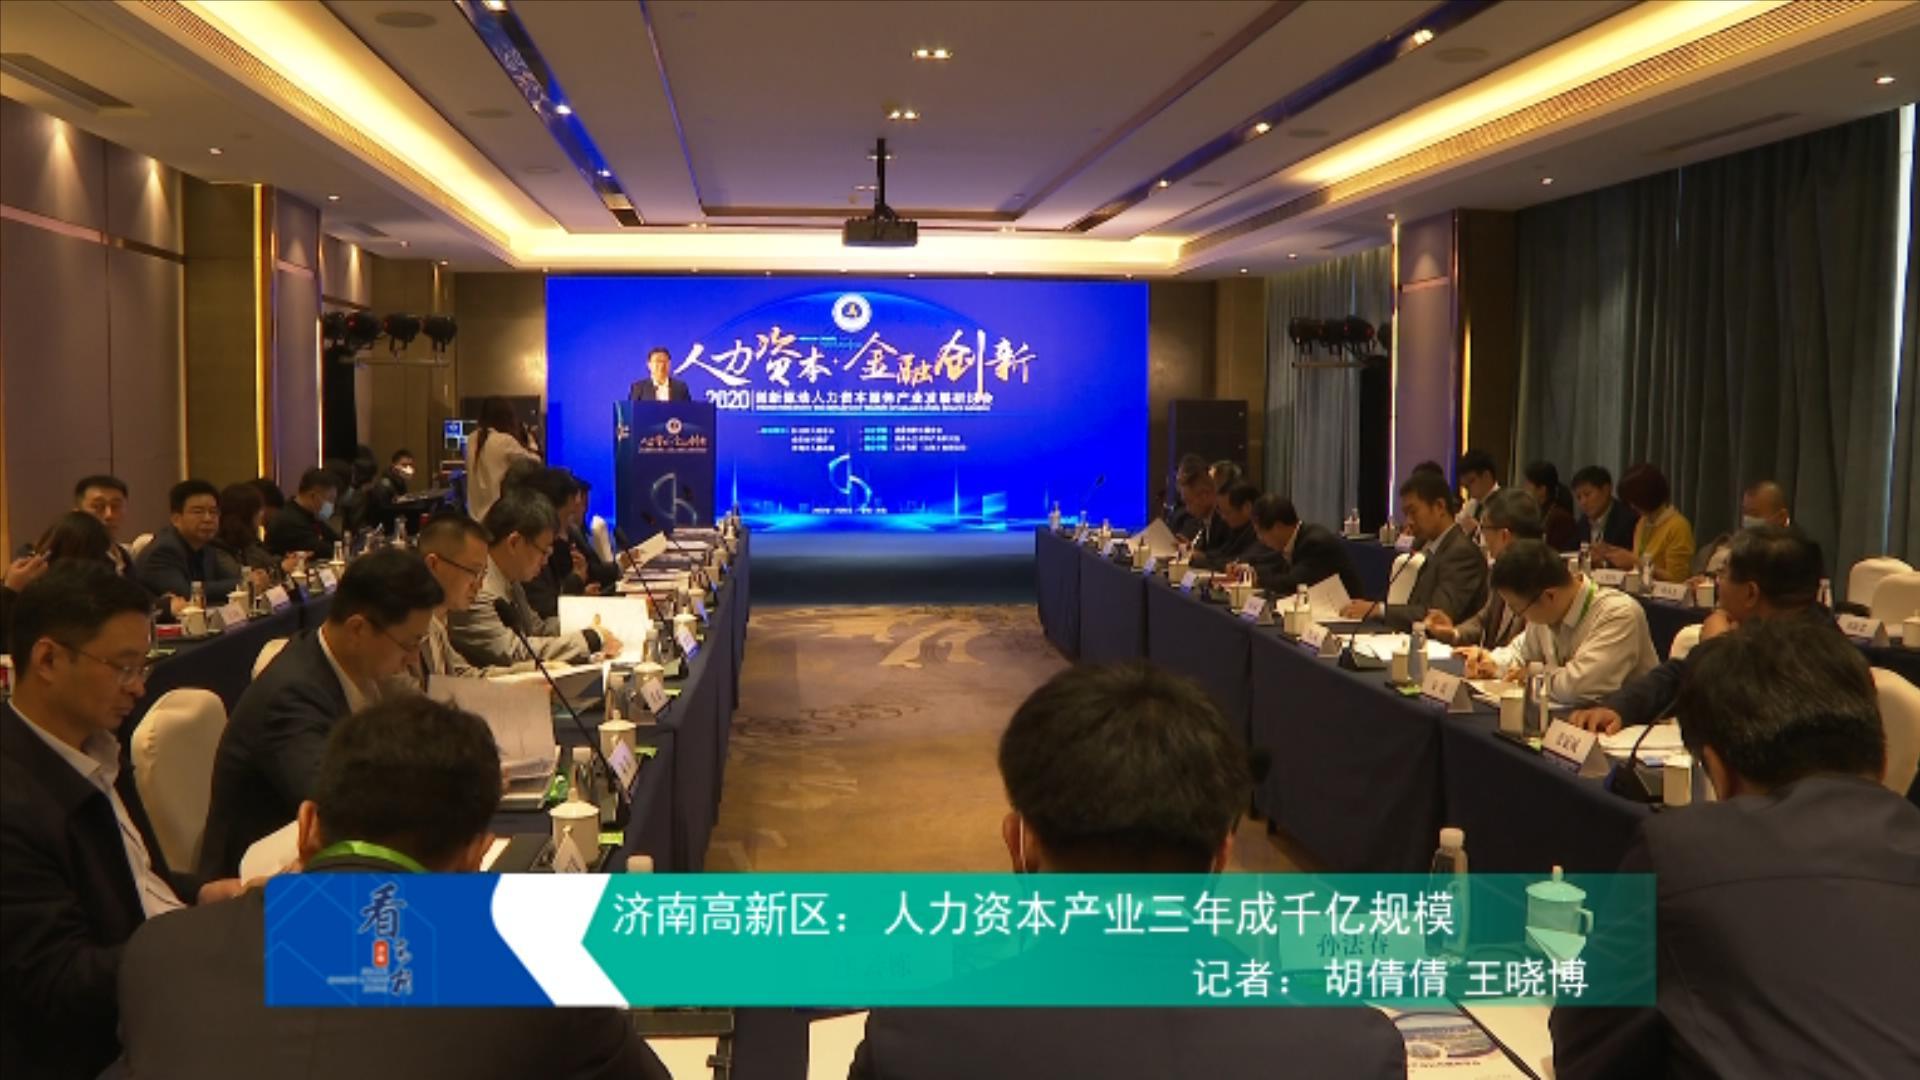 济南高新区:人力资本产业三年成千亿规模